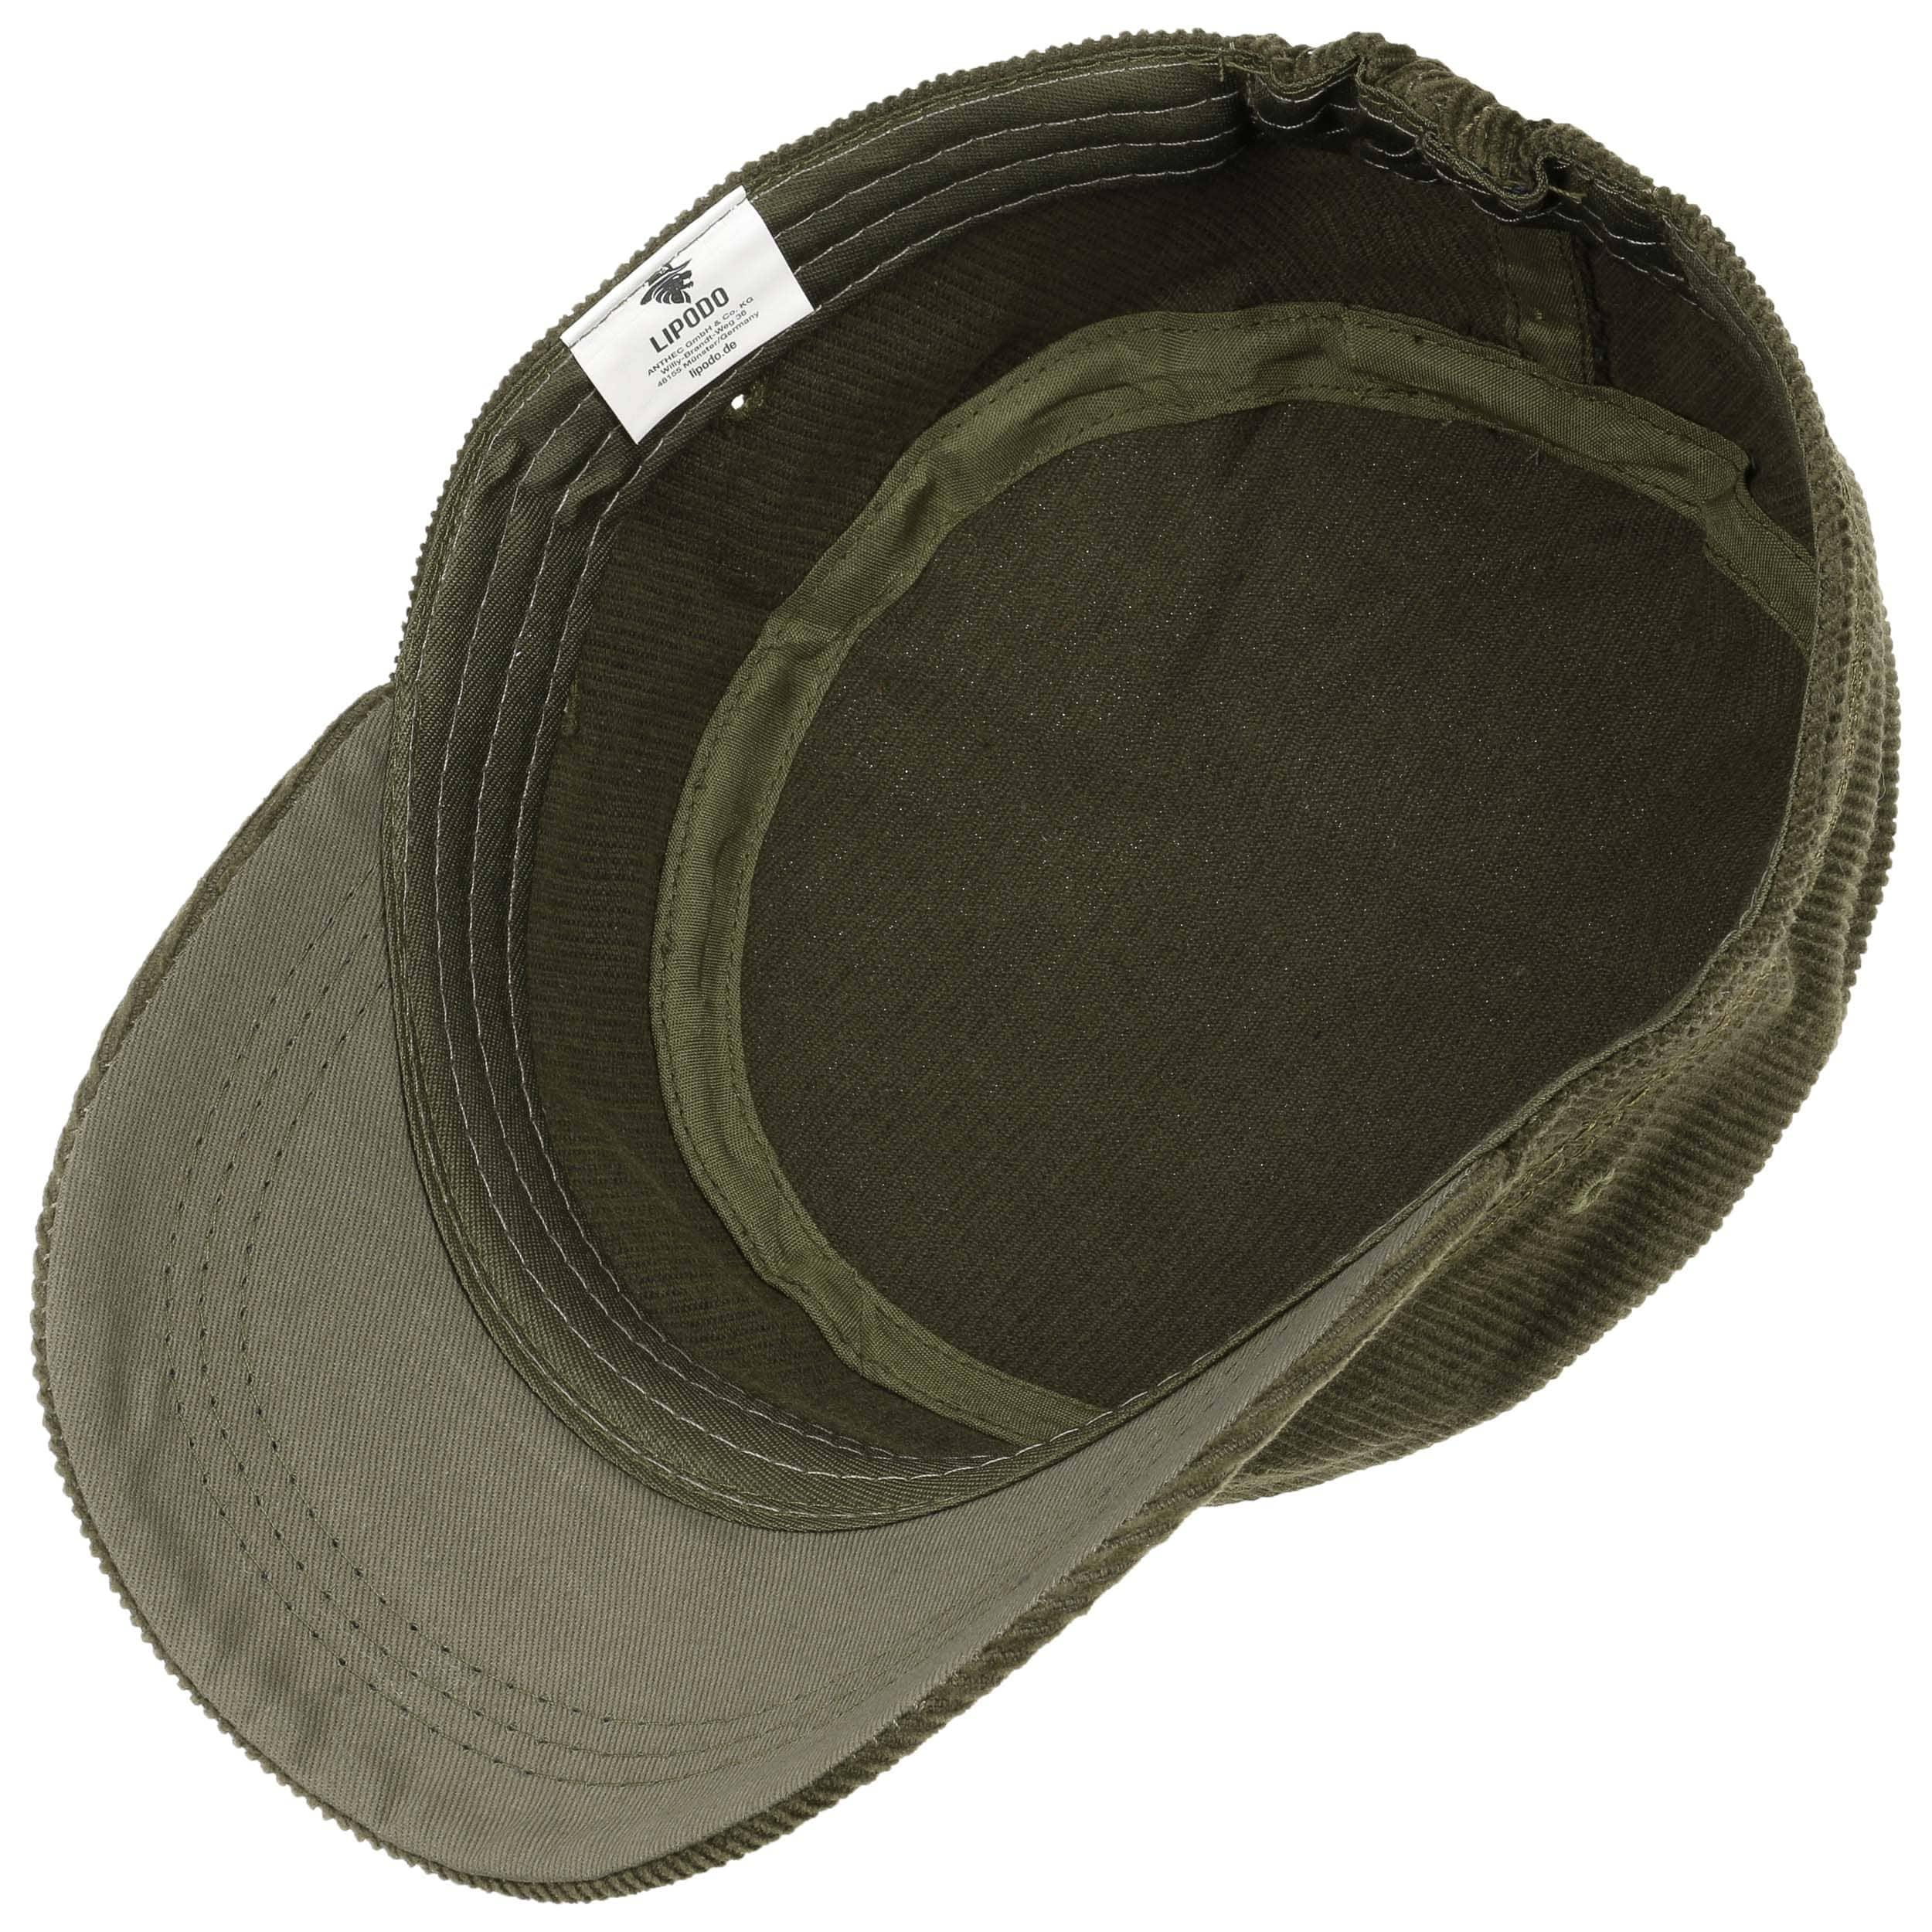 Gorra de Pana Army by Lipodo - Gorras - sombreroshop.es 258289eb585